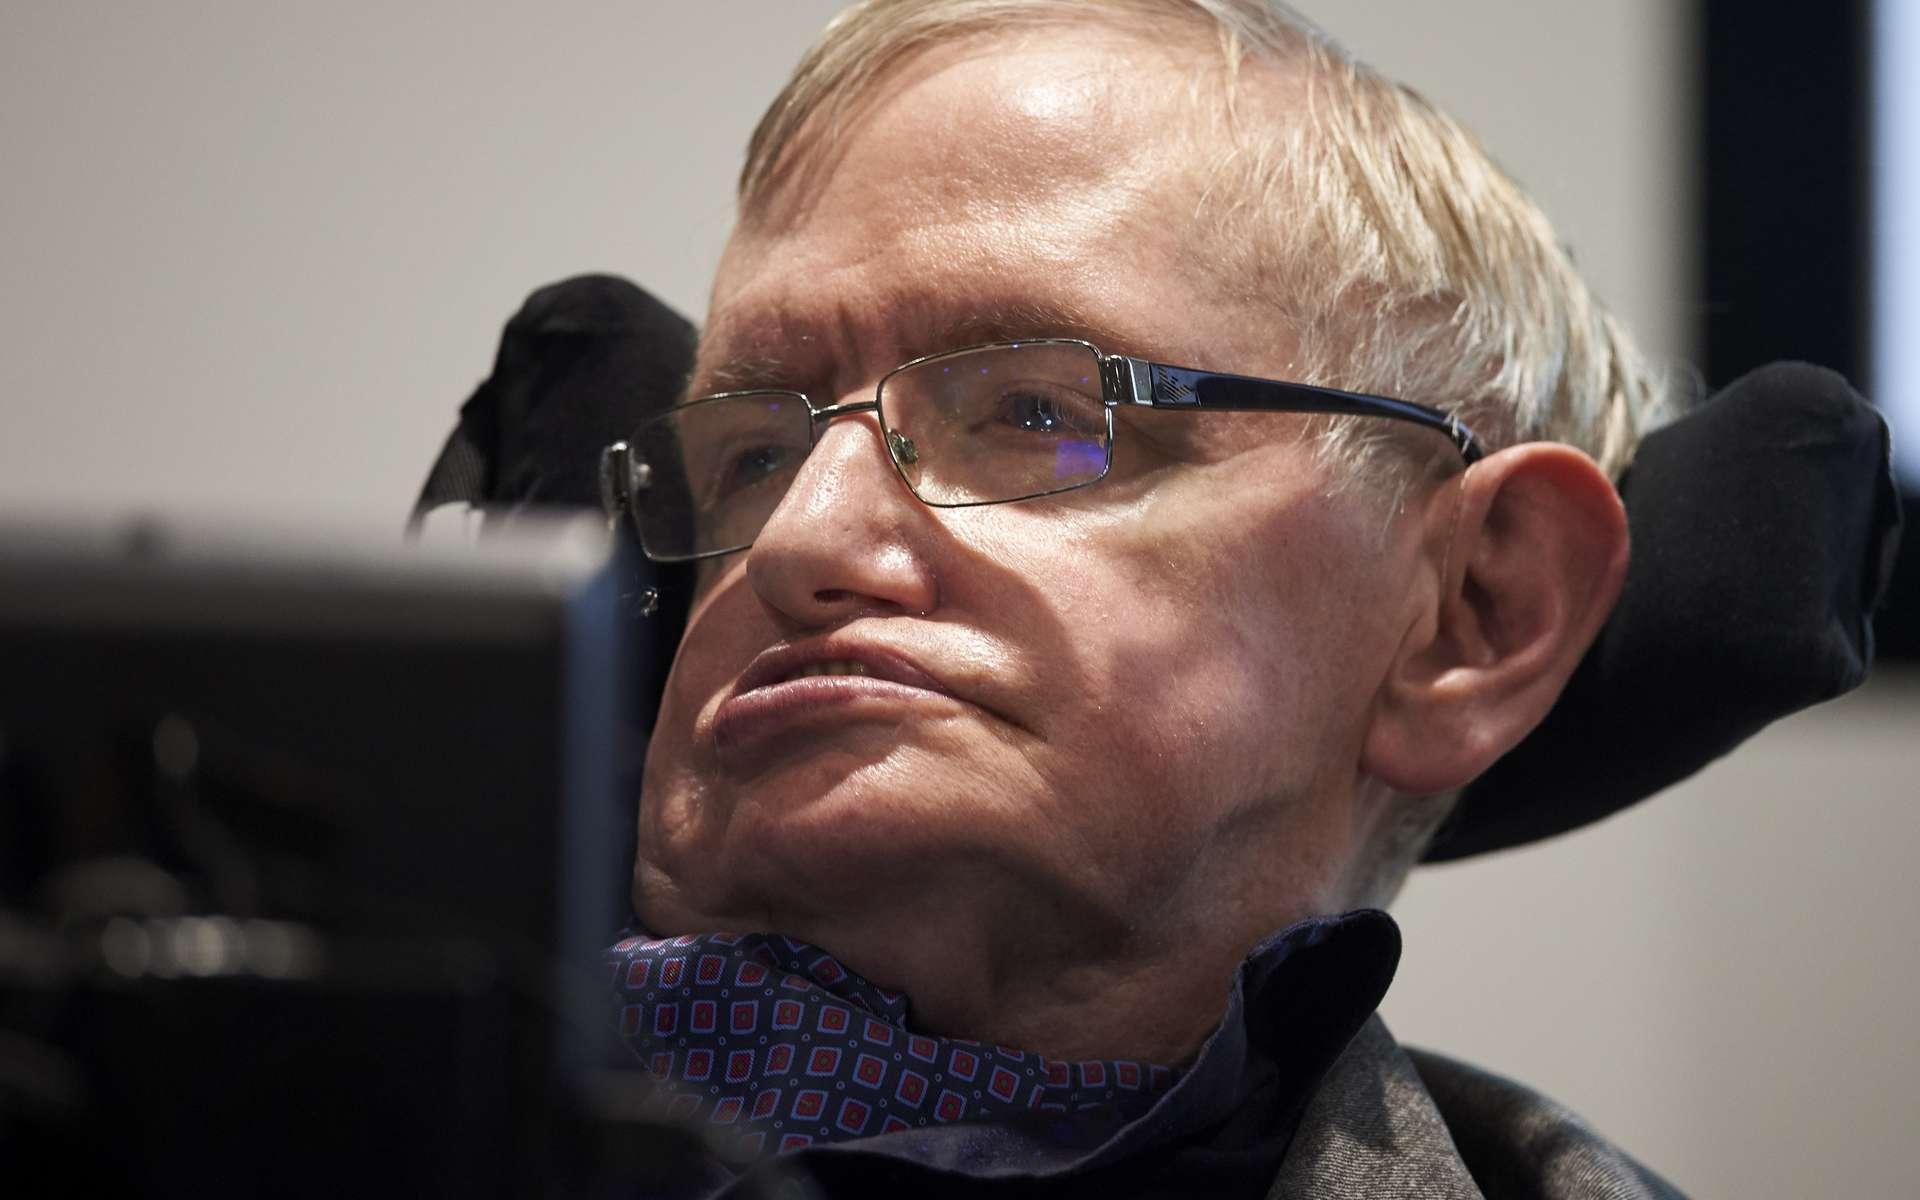 Les archives et le bureau du célèbre astrophysicien Stephen Hawking seront exposés à la Bibliothèque de l'Université de Cambridge et au musée des Sciences à Londres. © Niklas Halle'n, AFP